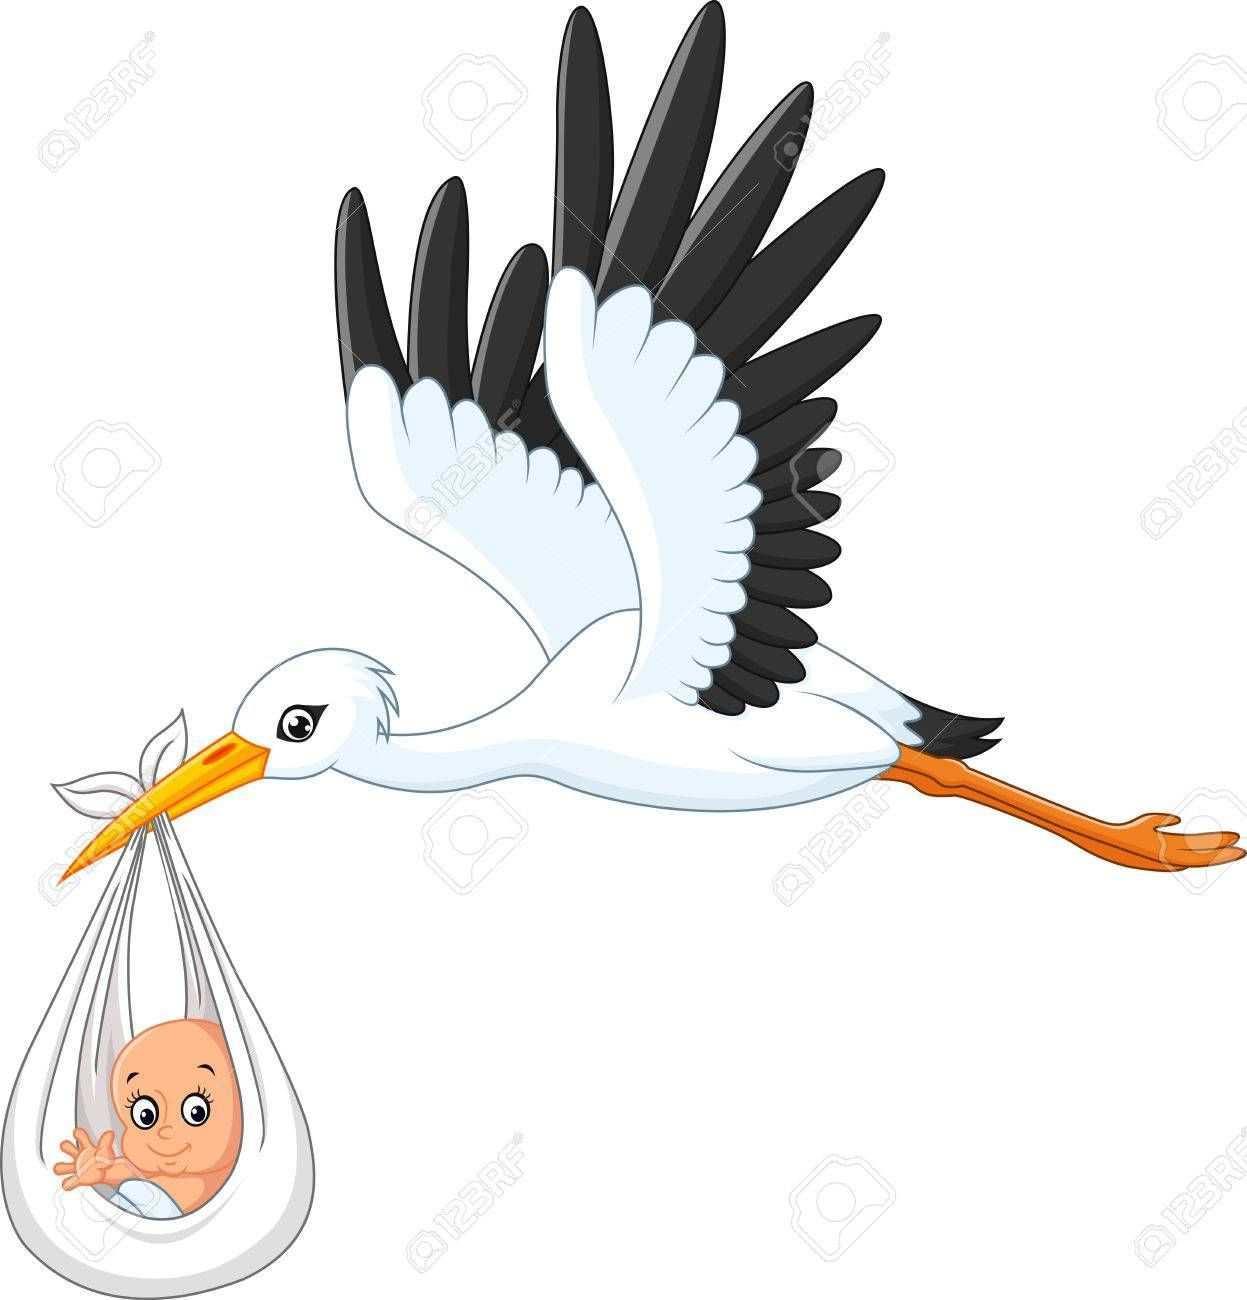 Cartoon Stork Carrying Baby Illustration Sponsored Stork Cartoon Carrying Illustration Baby Storch Zur Geburt Klapperstorch Geschenkideen Kinder